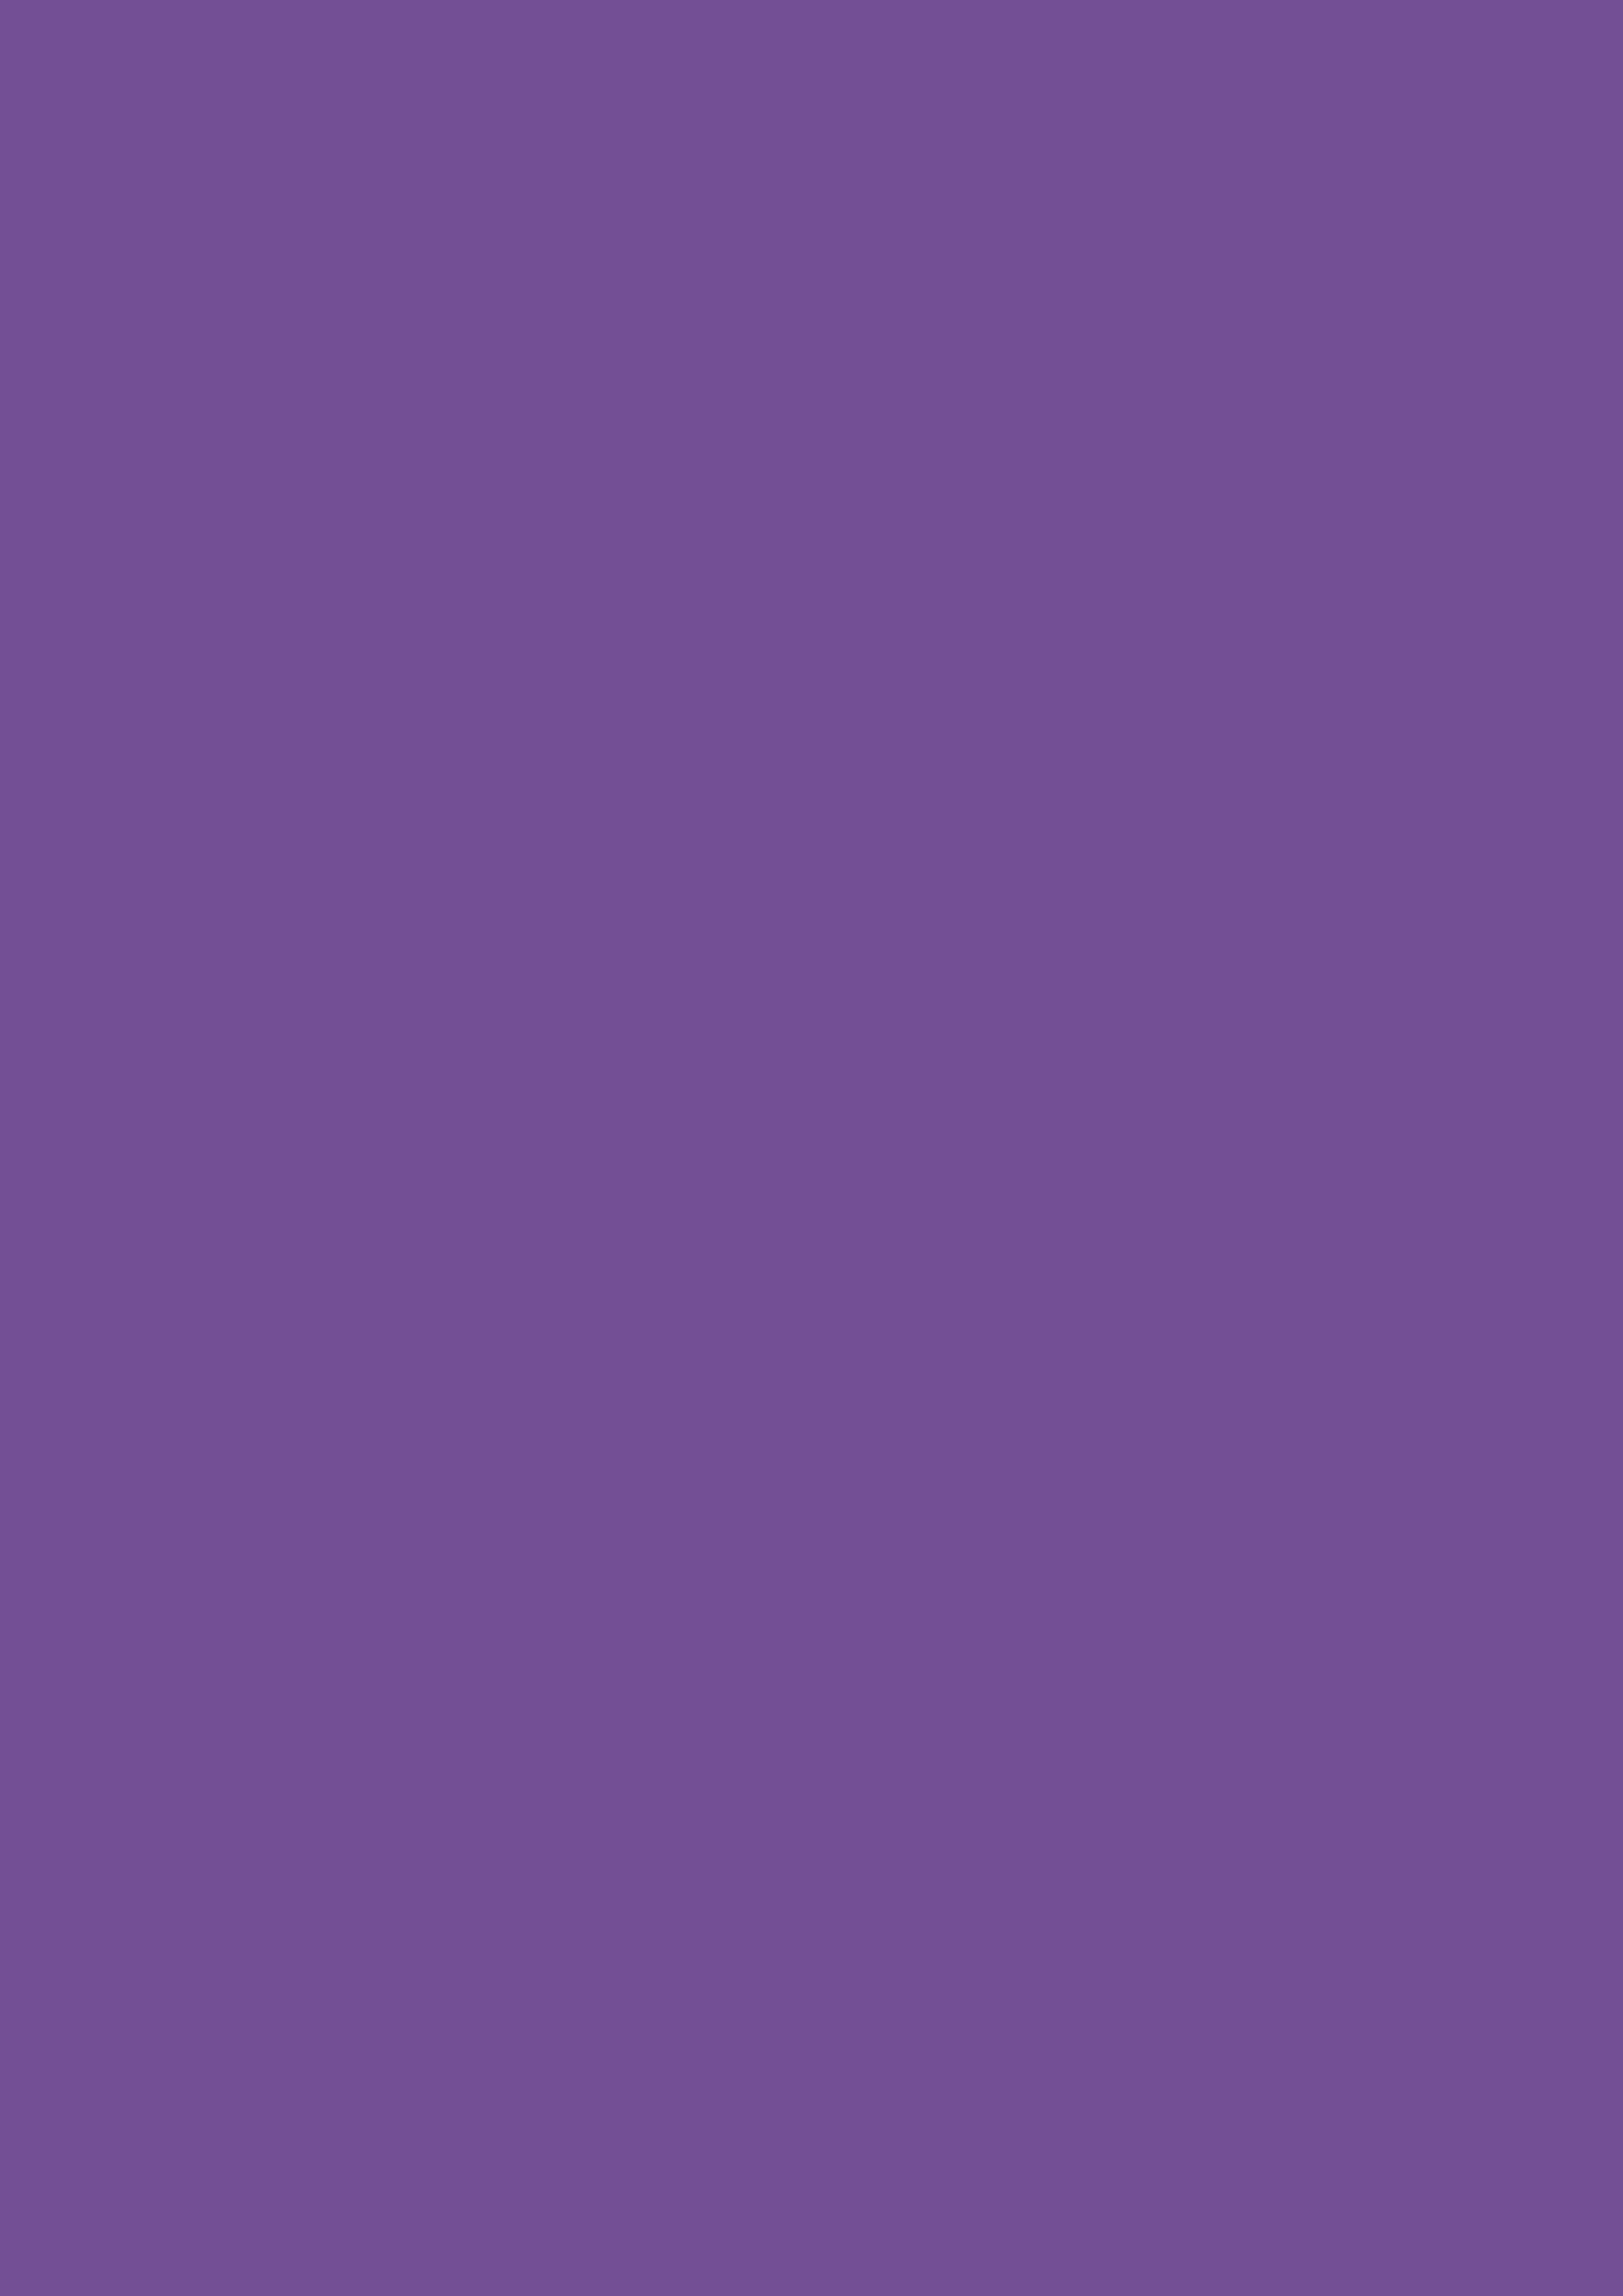 2480x3508 Dark Lavender Solid Color Background